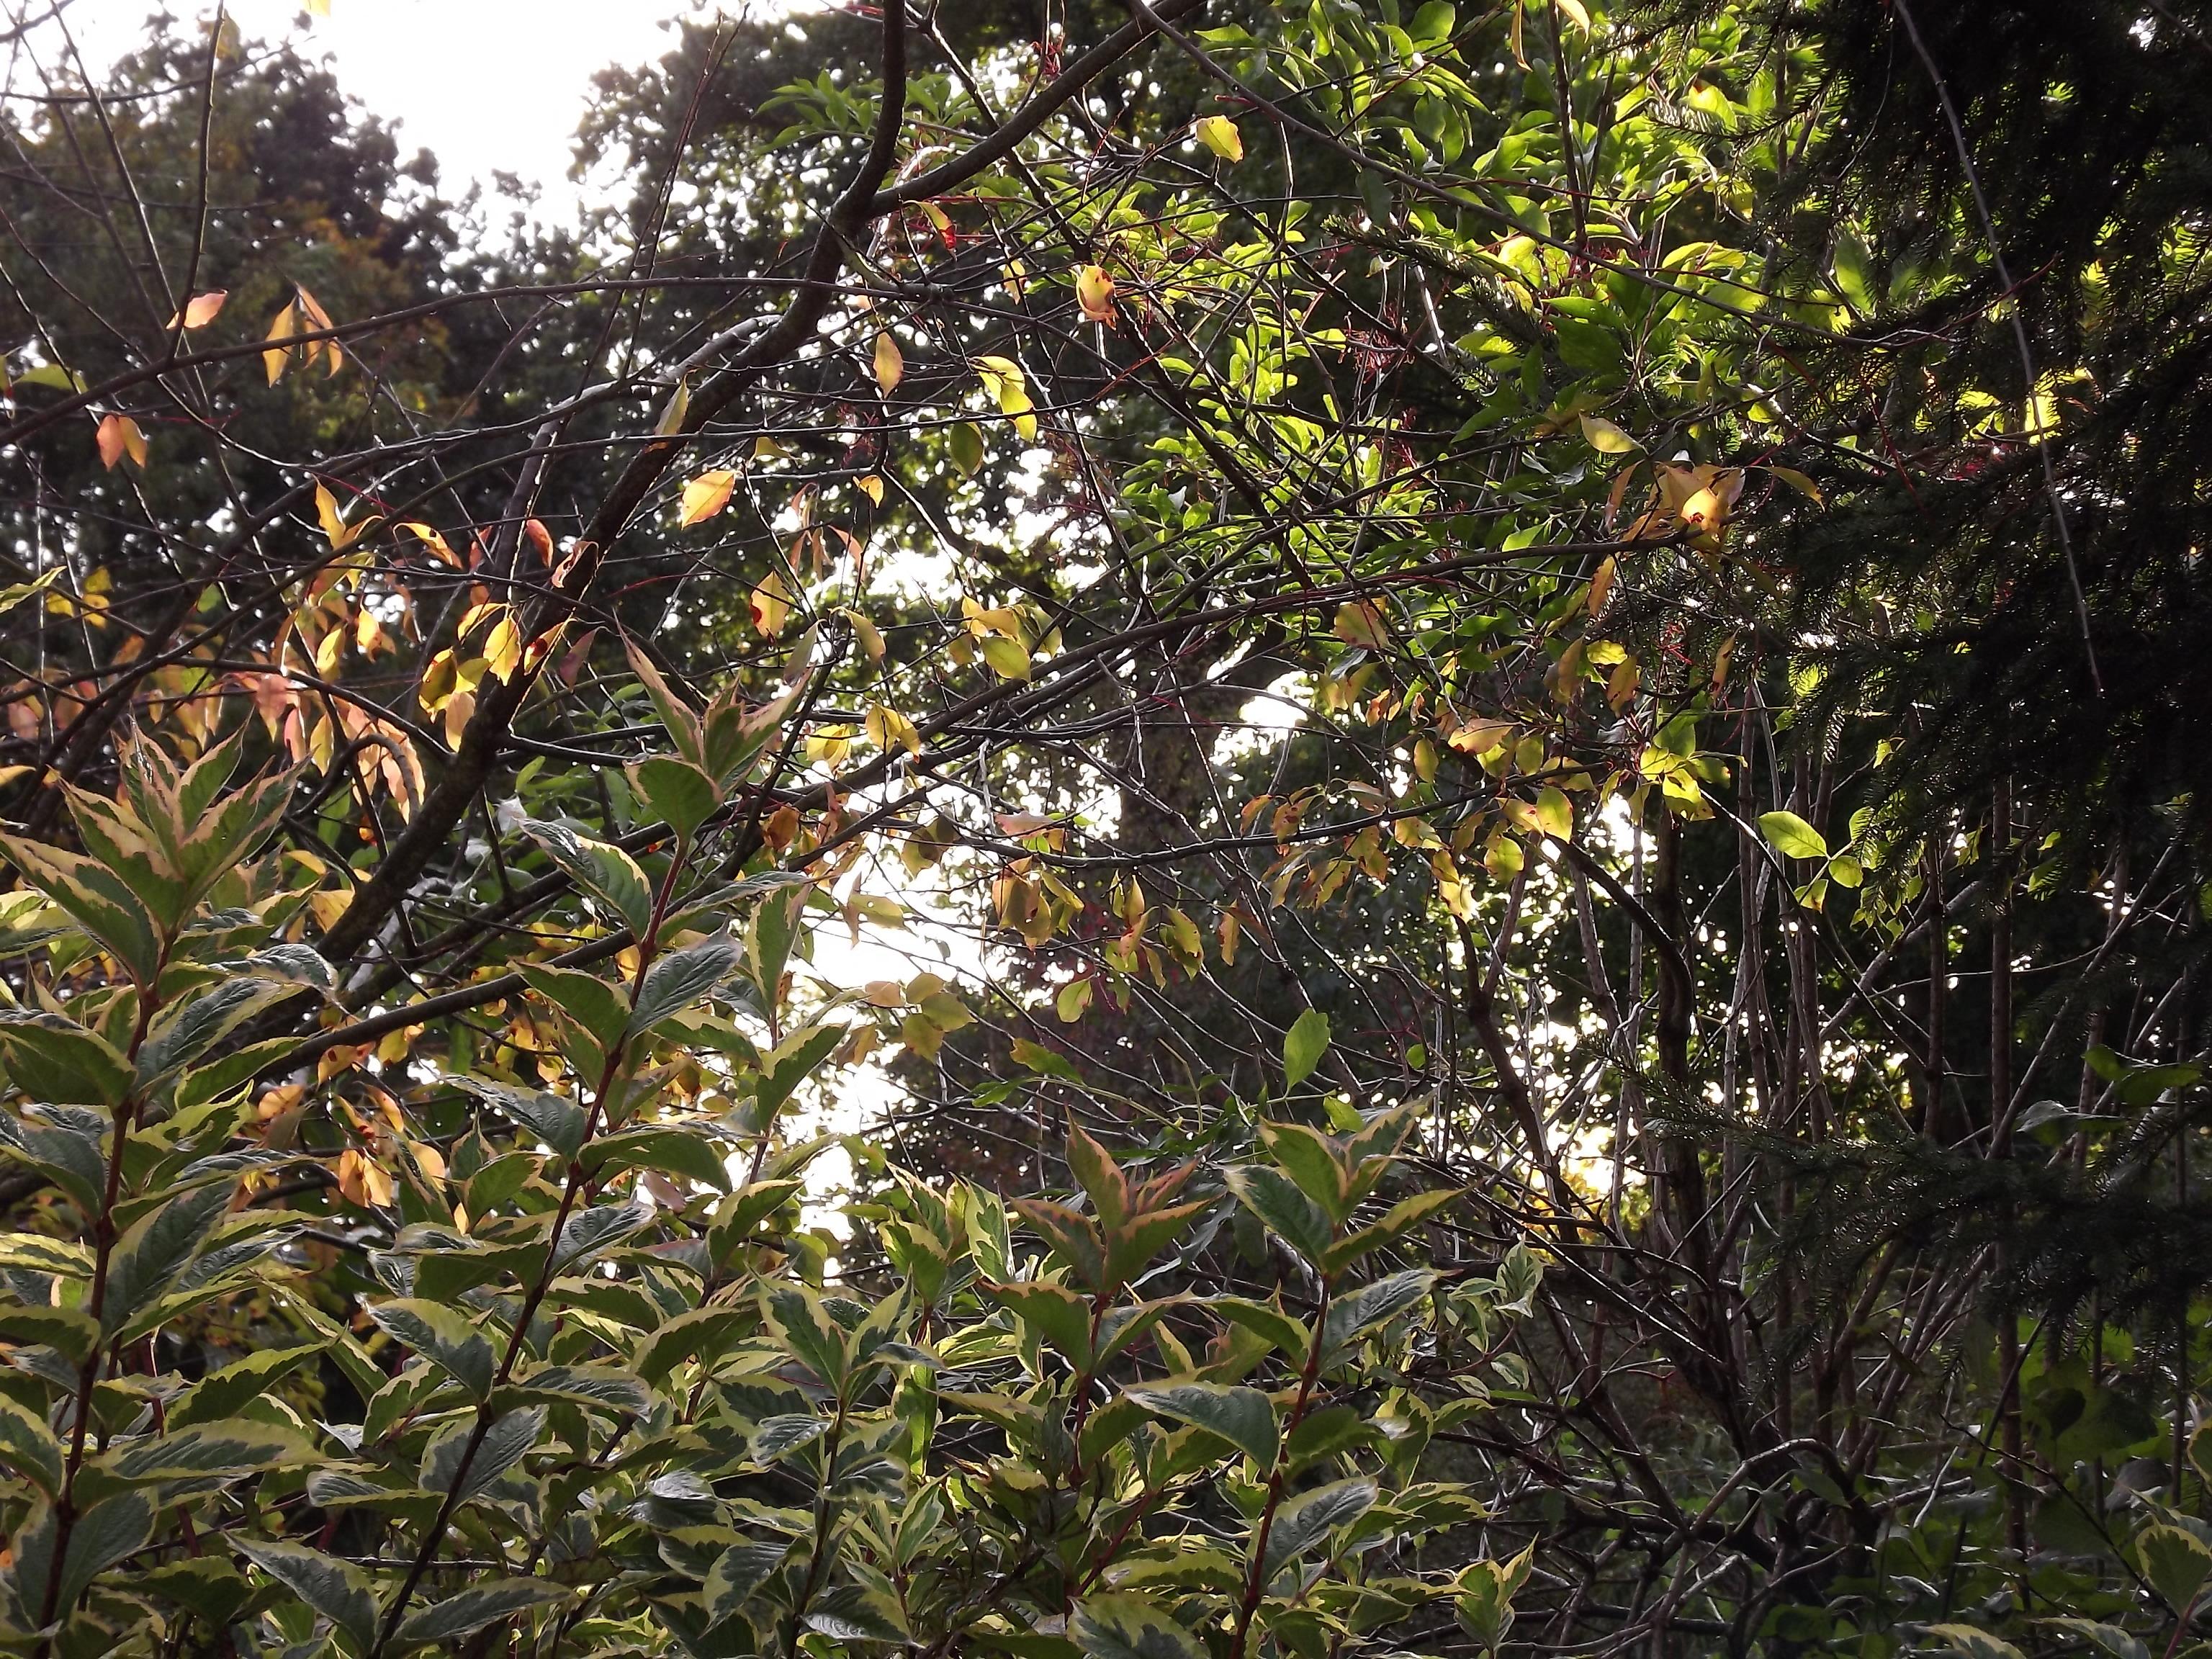 6525-licht-herbst-gruen-gelb-rot-pflanzen